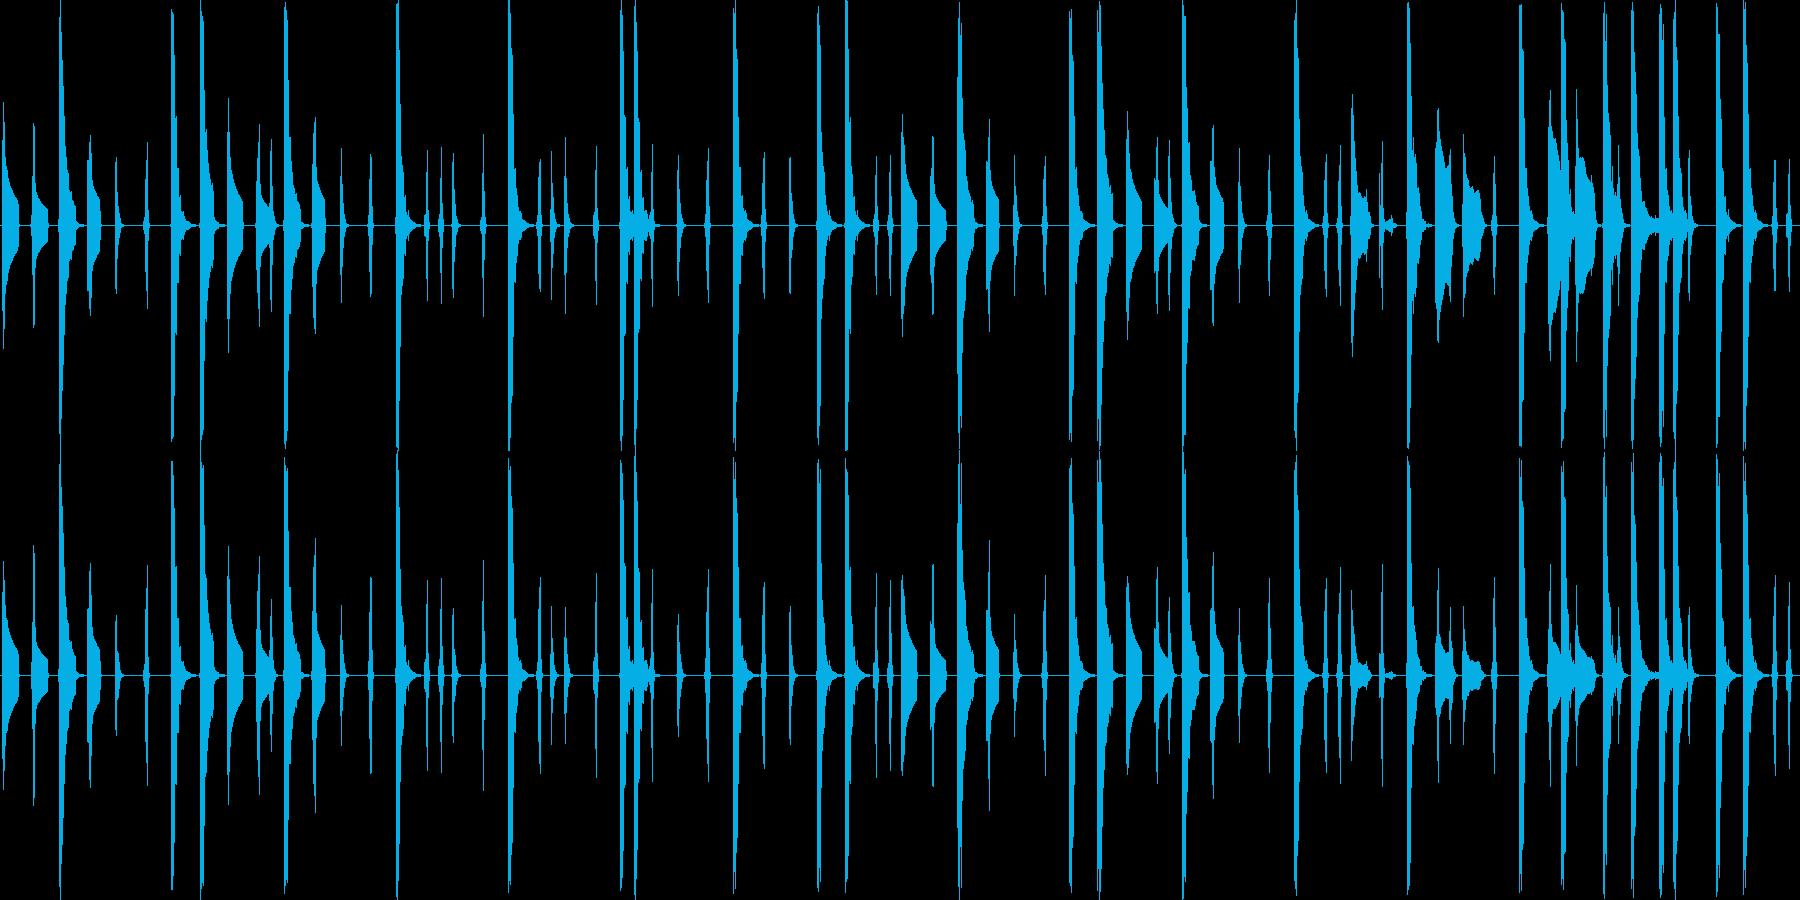 レトロゲーム風のコミカルなエレクトロニカの再生済みの波形